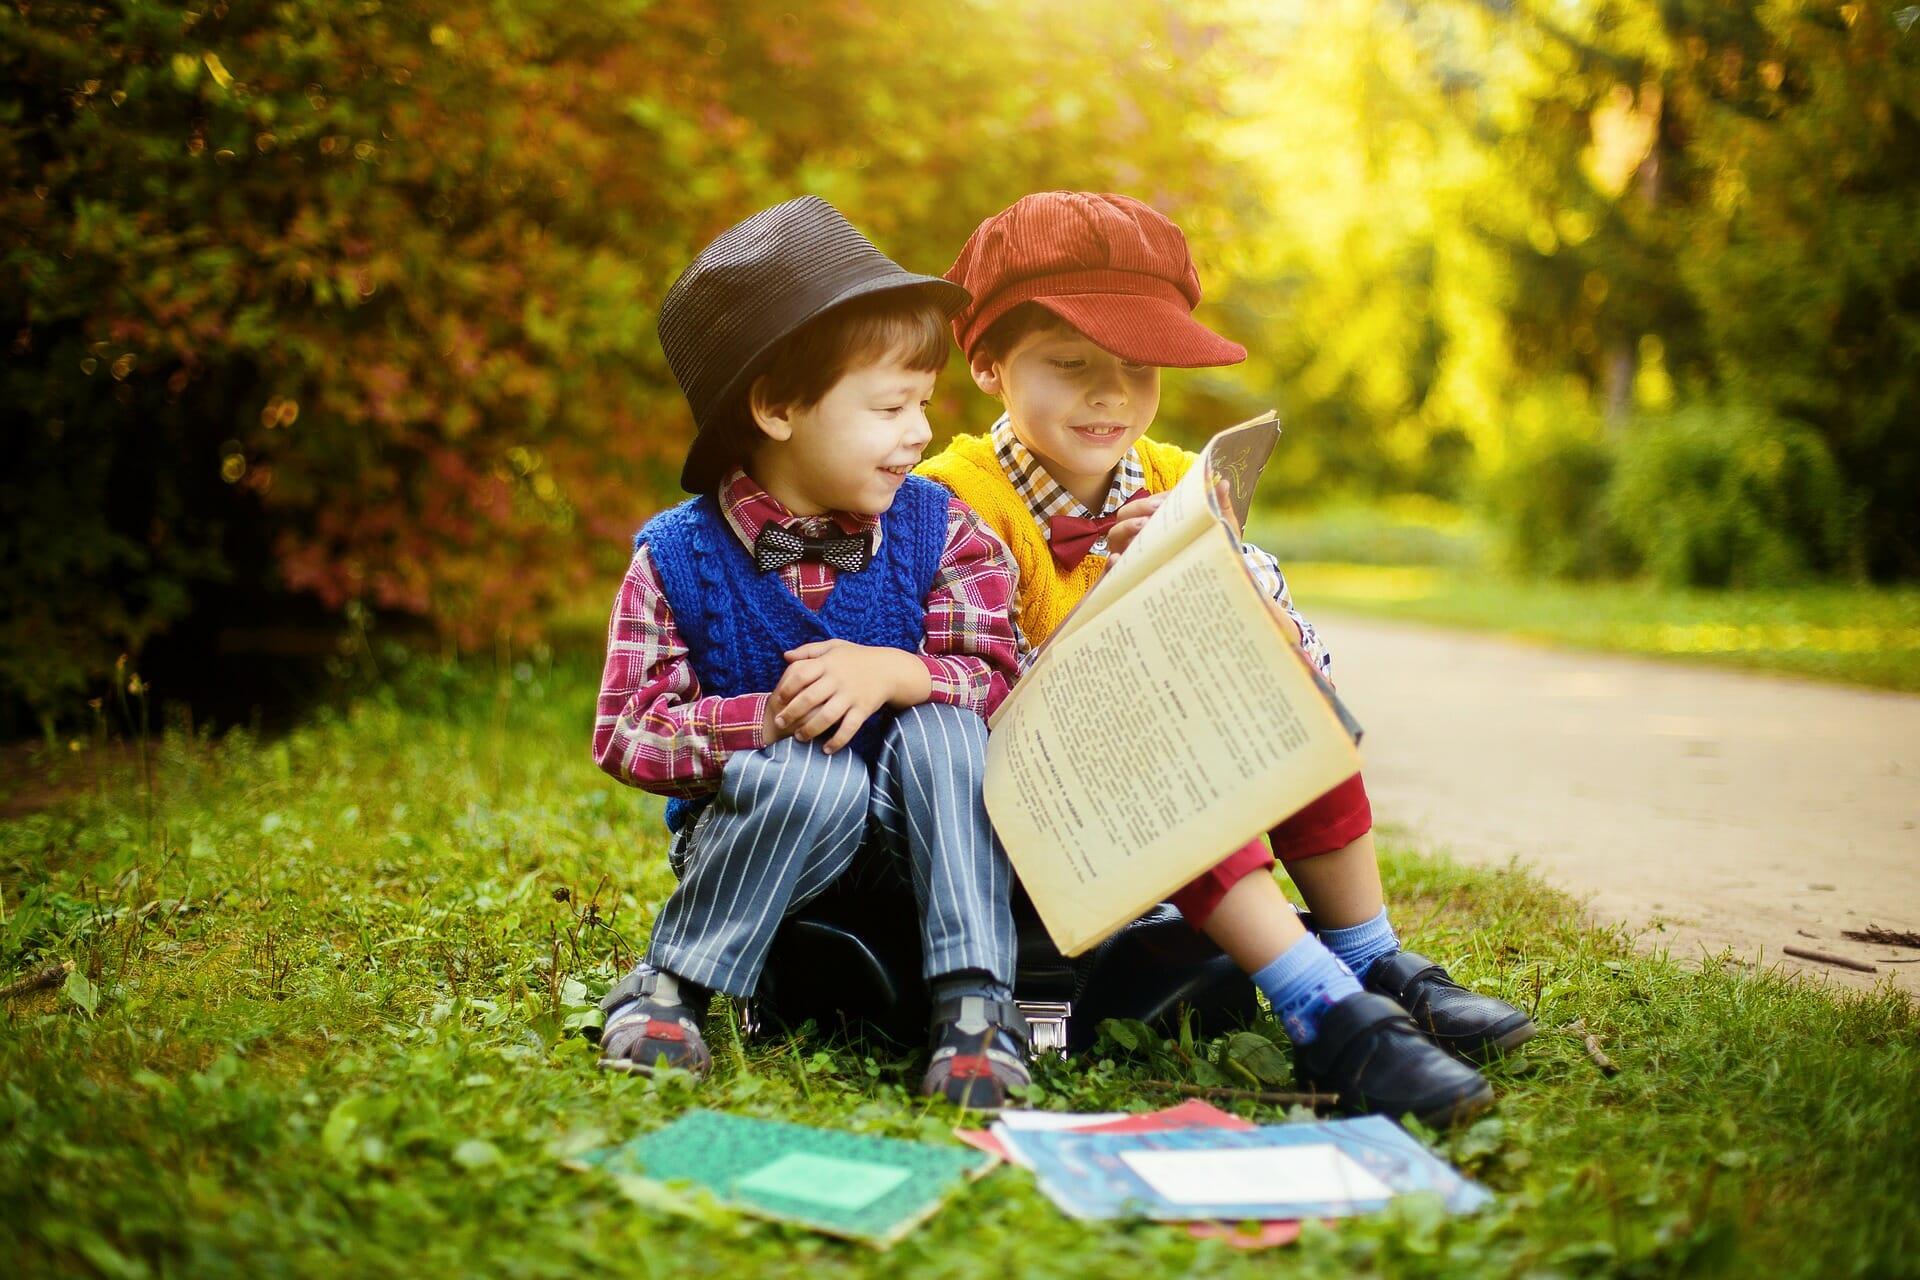 """Quasi 300mila libri in arrivo nelle biblioteche scolastiche. Il più donato? """"La fabbrica di cioccolato"""" di Roald Dahl"""